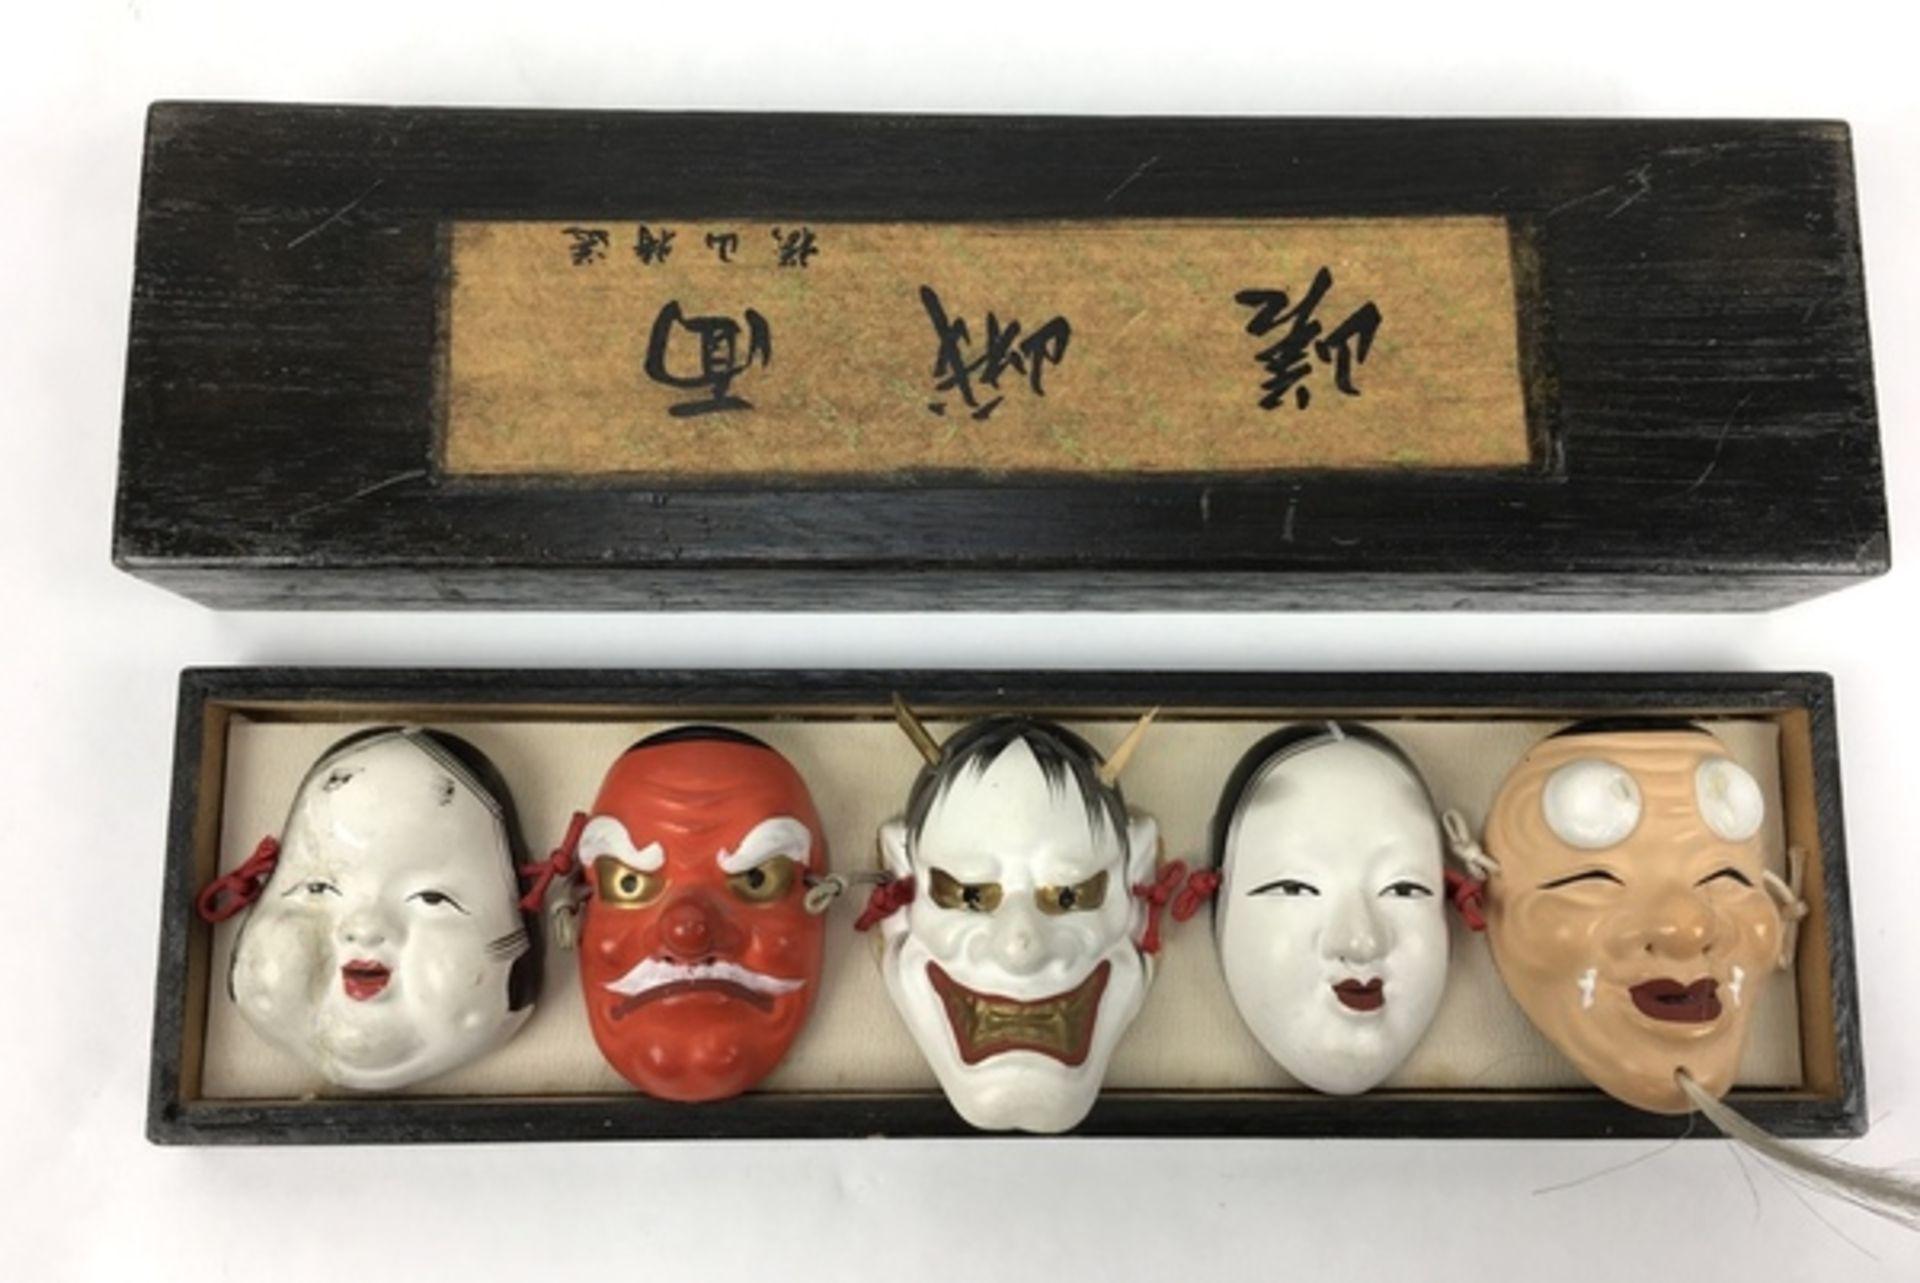 (Curiosa) Divers lotDivers lot met een Russisch lakdoosje en vier Japanse maskers in een doosje - Bild 5 aus 6